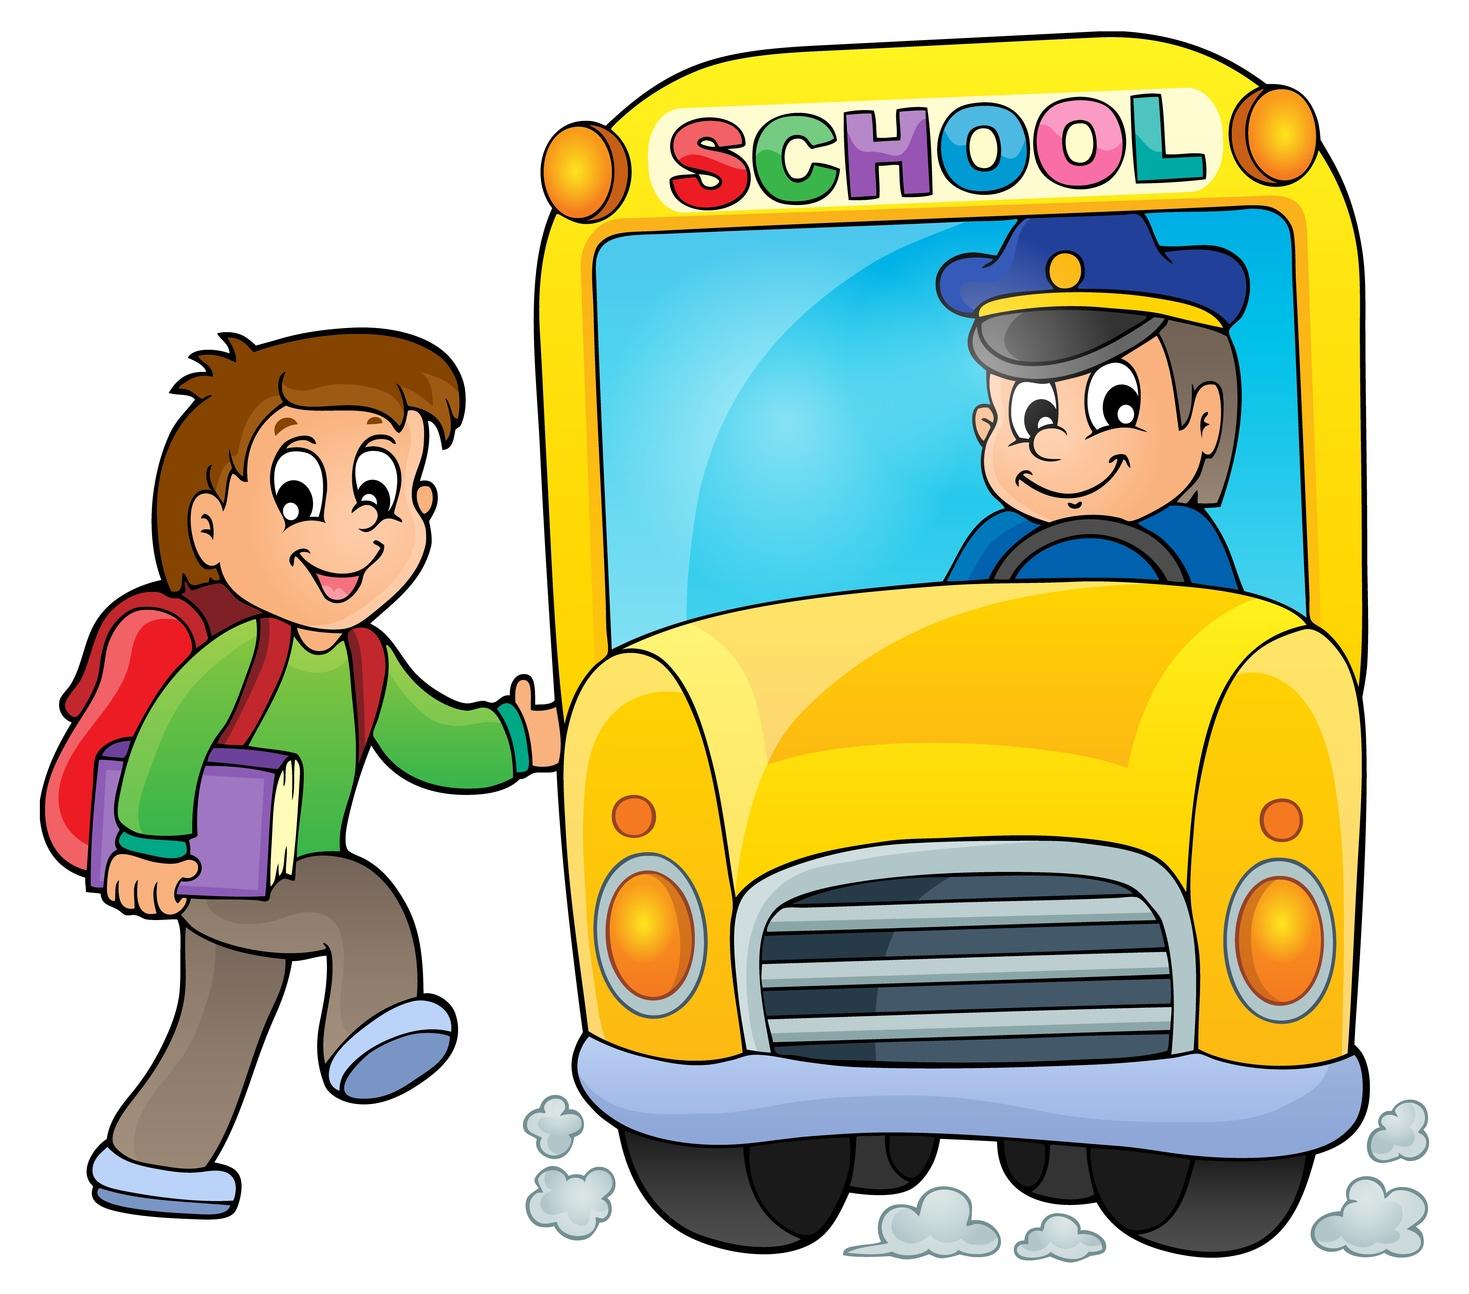 School bus cute 3 clipart